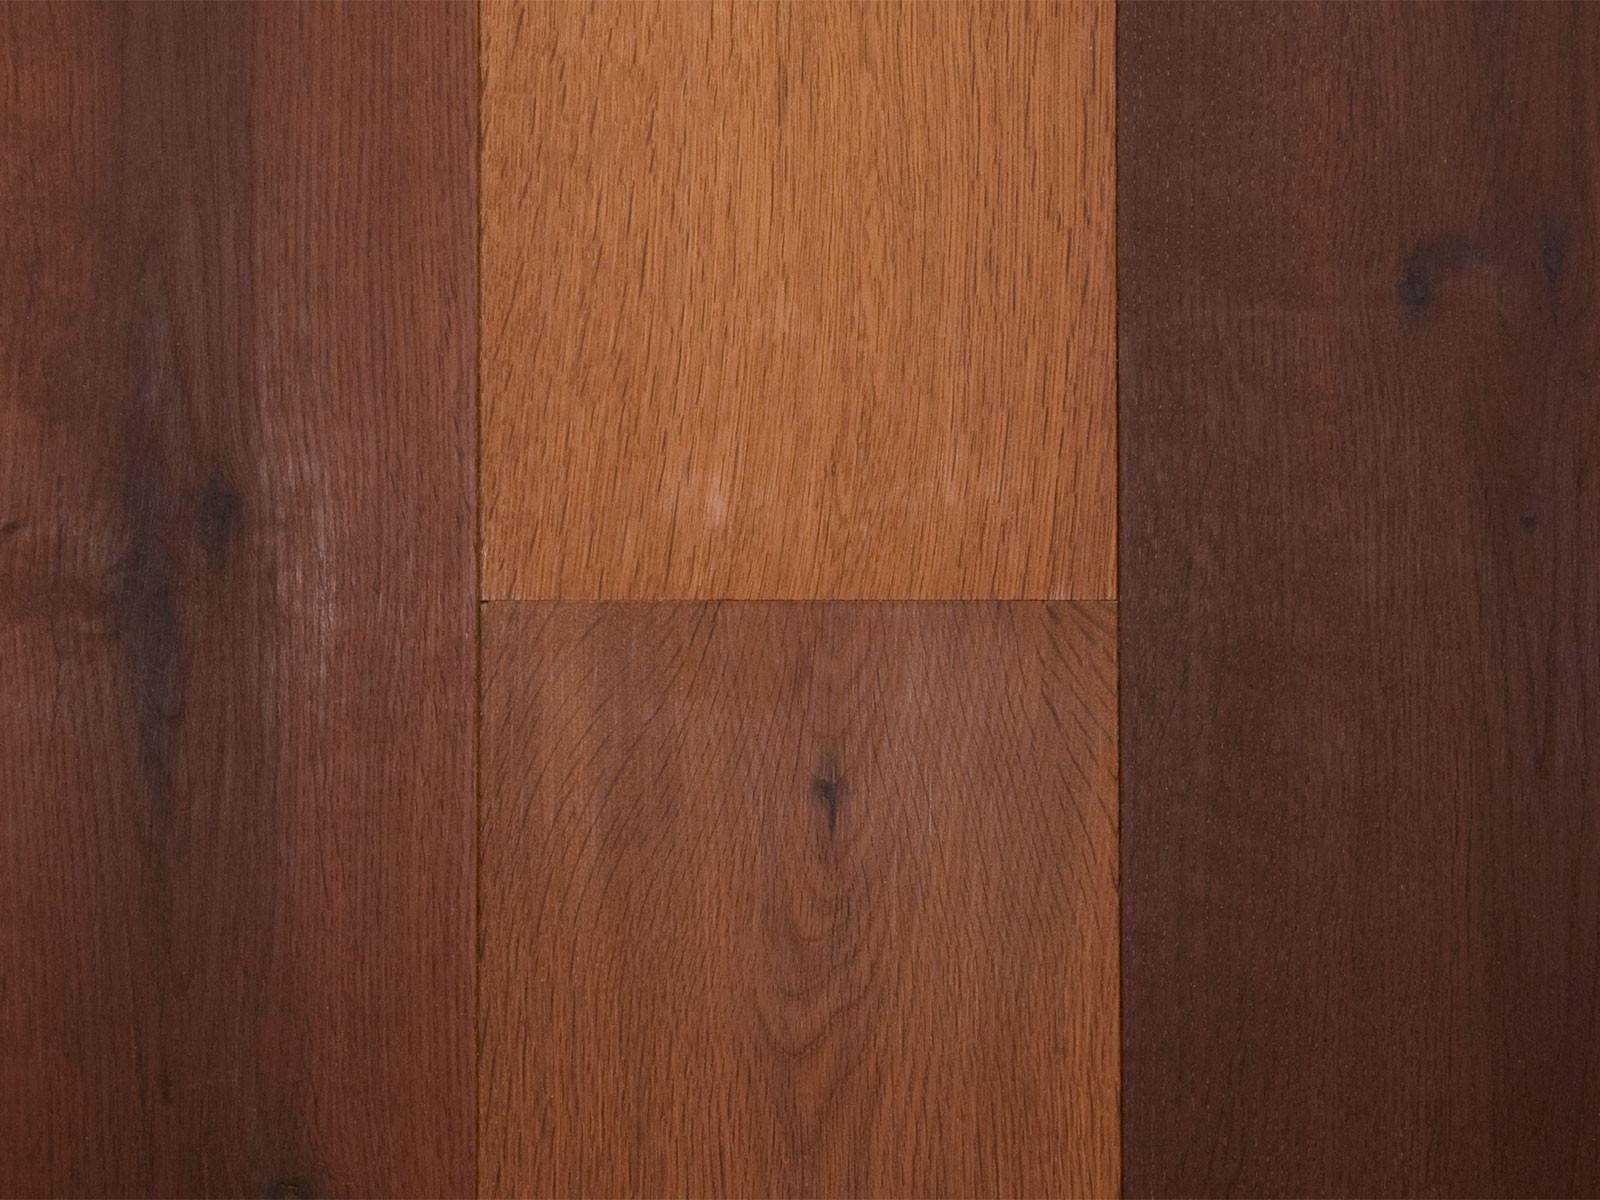 wholesale engineered hardwood flooring of duchateau hardwood flooring houston tx discount engineered wood in savoy european oak